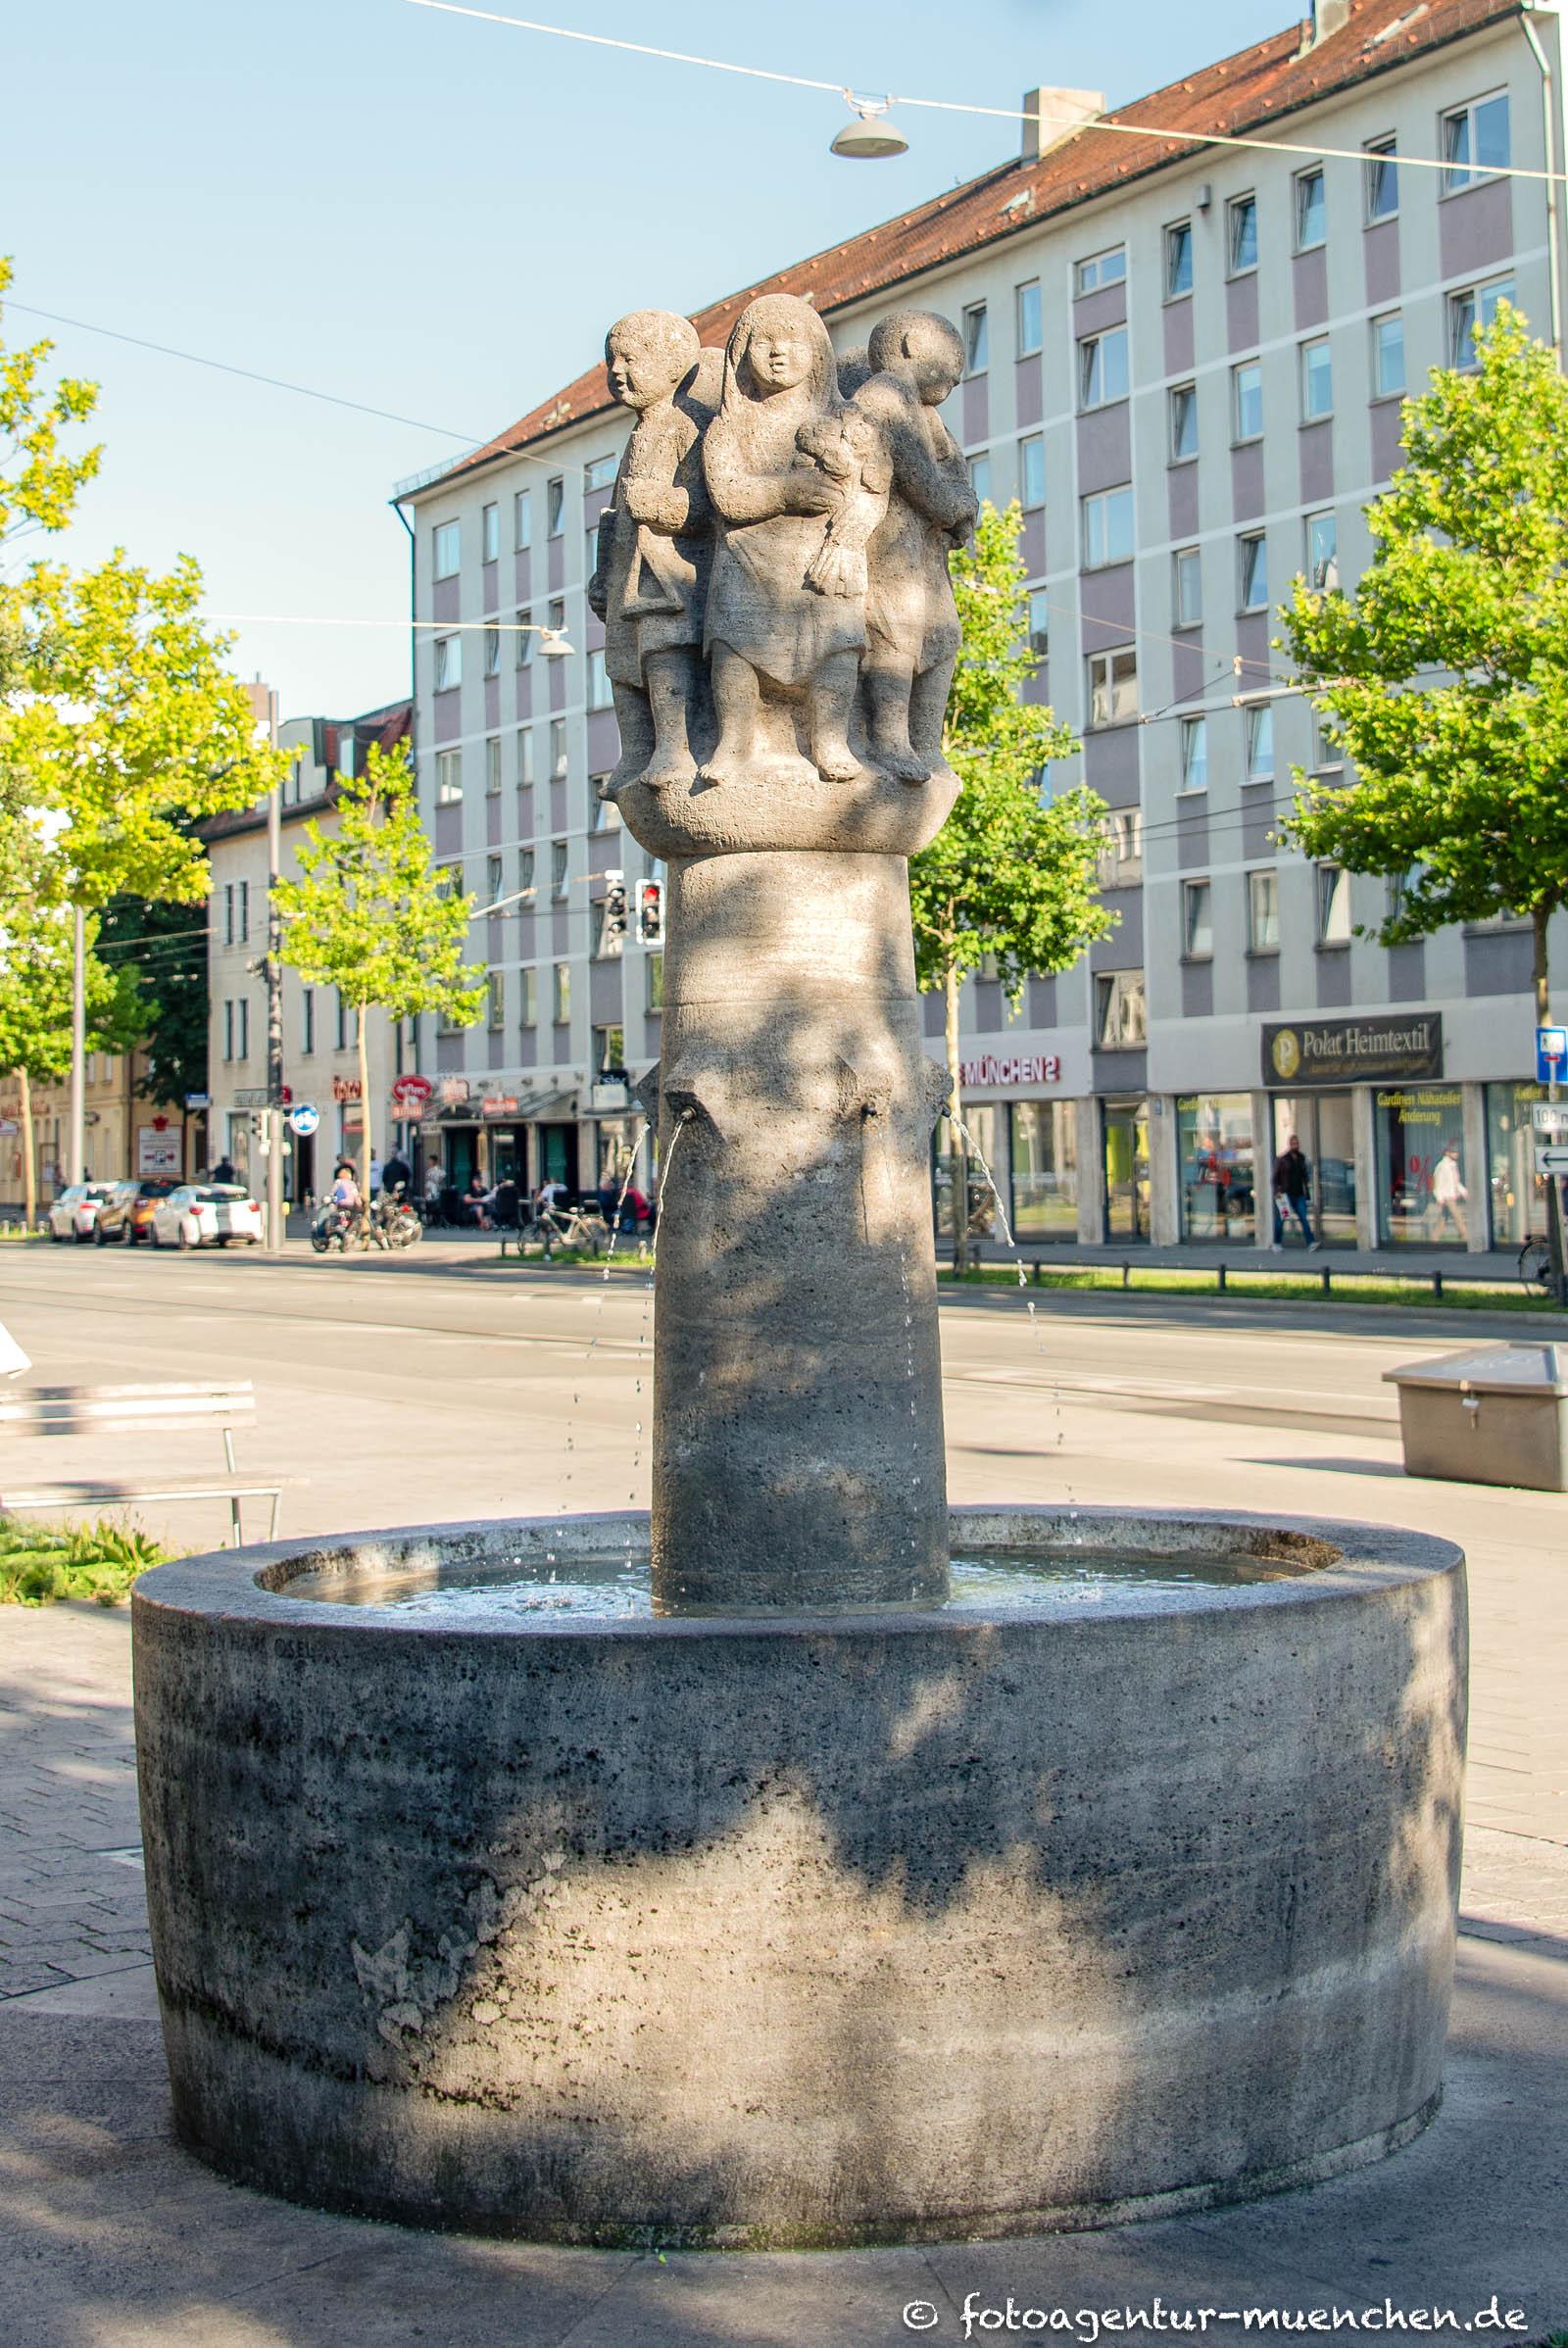 Hochzeitsbrunnen